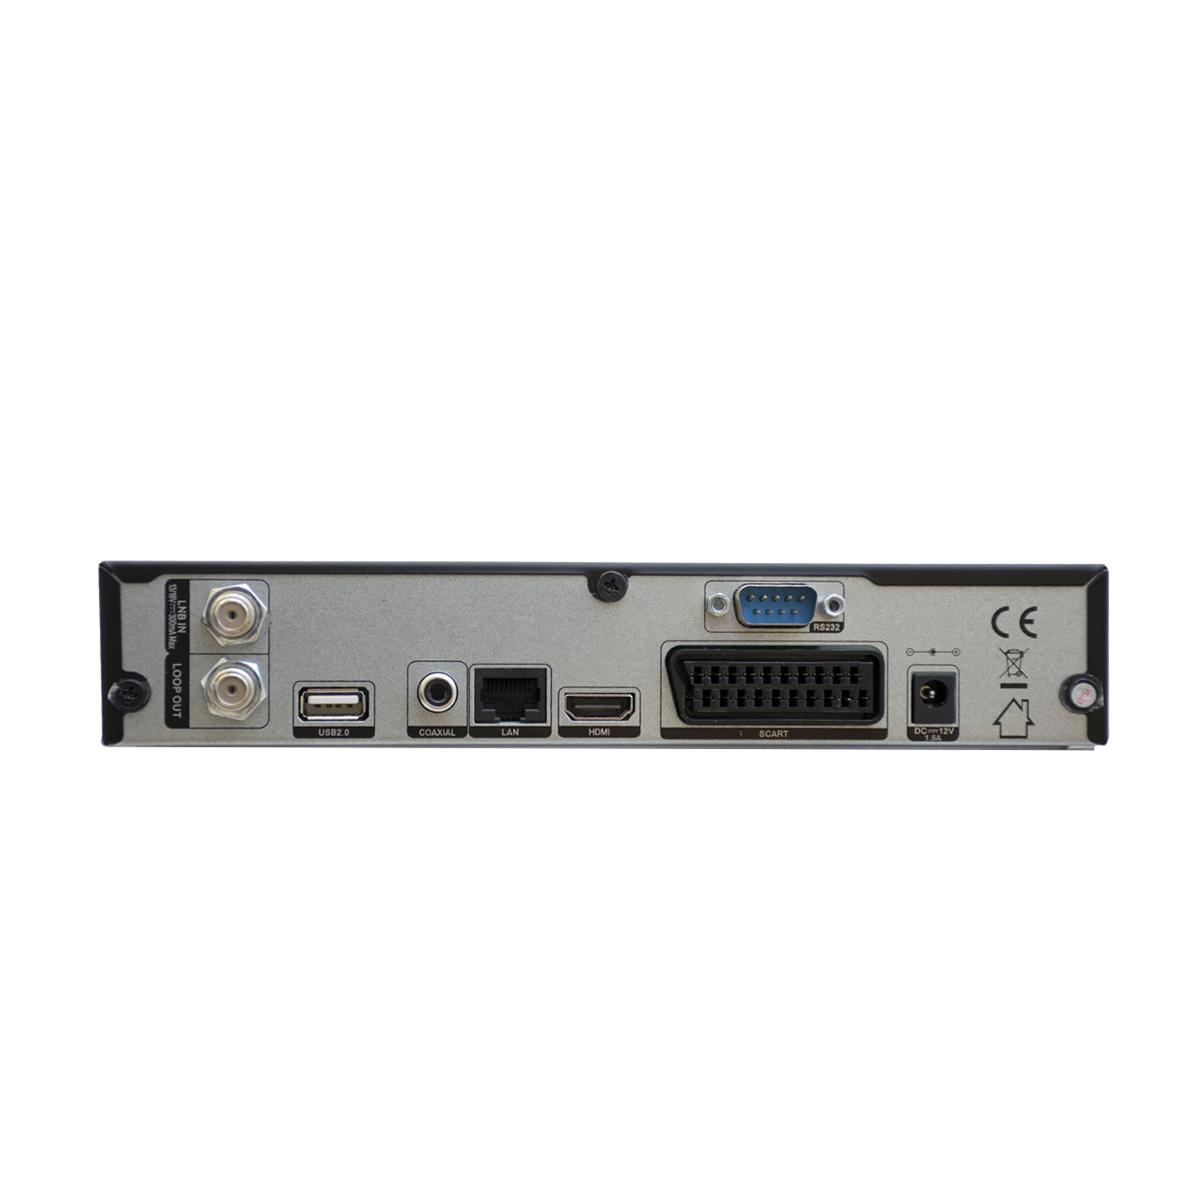 Viark Sat  Full HD Satelliten Receiver DVB-S2 1080p WLAN STICK INKL.